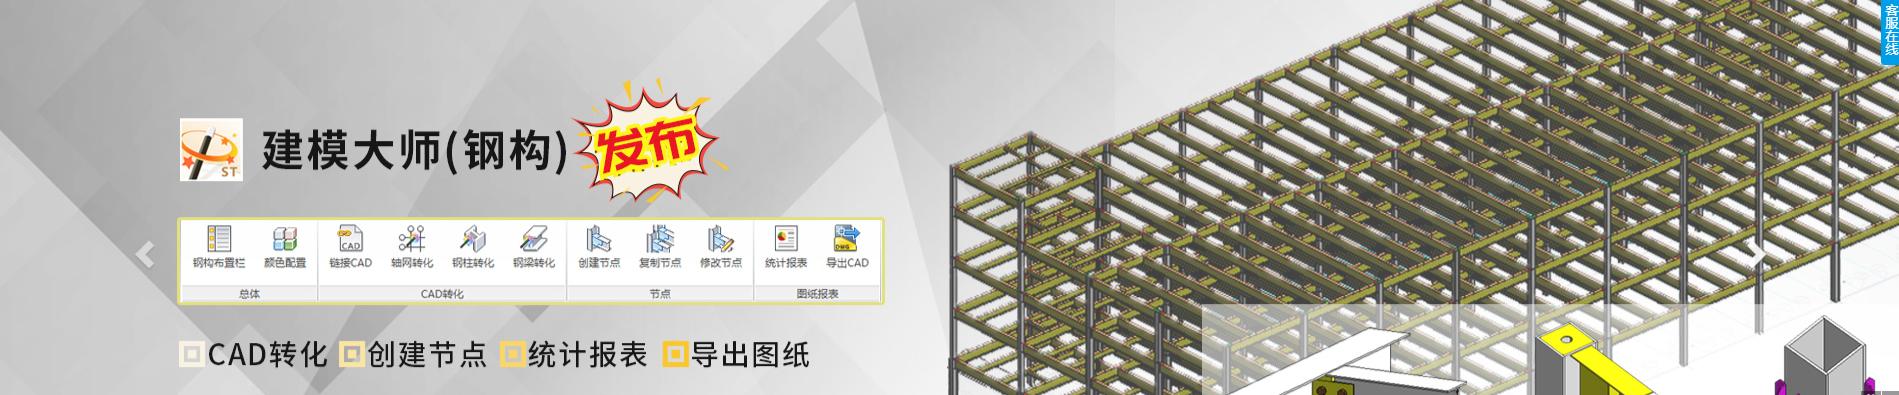 又一重要BIM建模工具-建模大师(钢构)软件发布